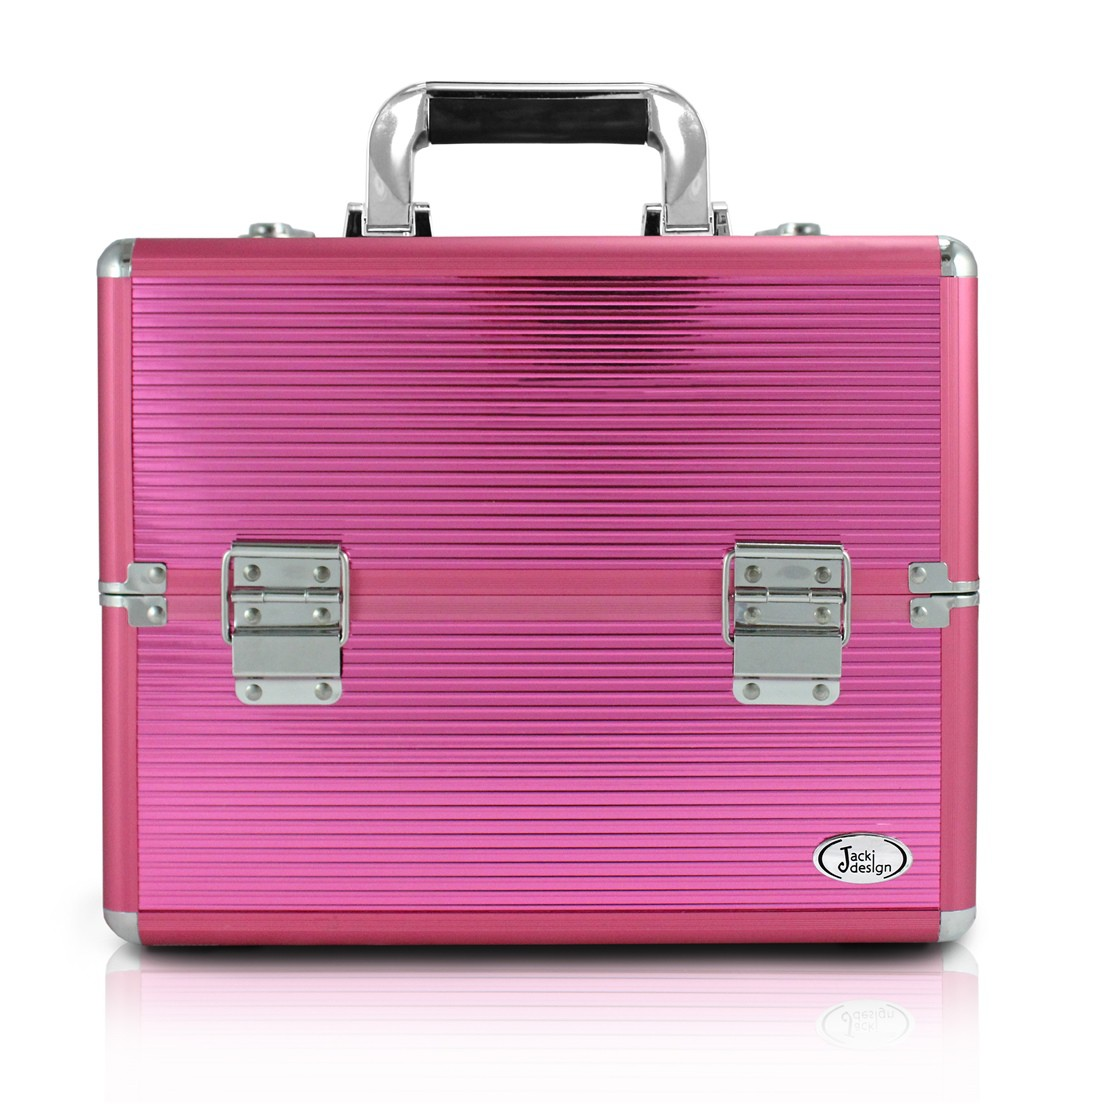 Maleta Profissional de Maquiagem Pink Tamanho Médio Jacki Design